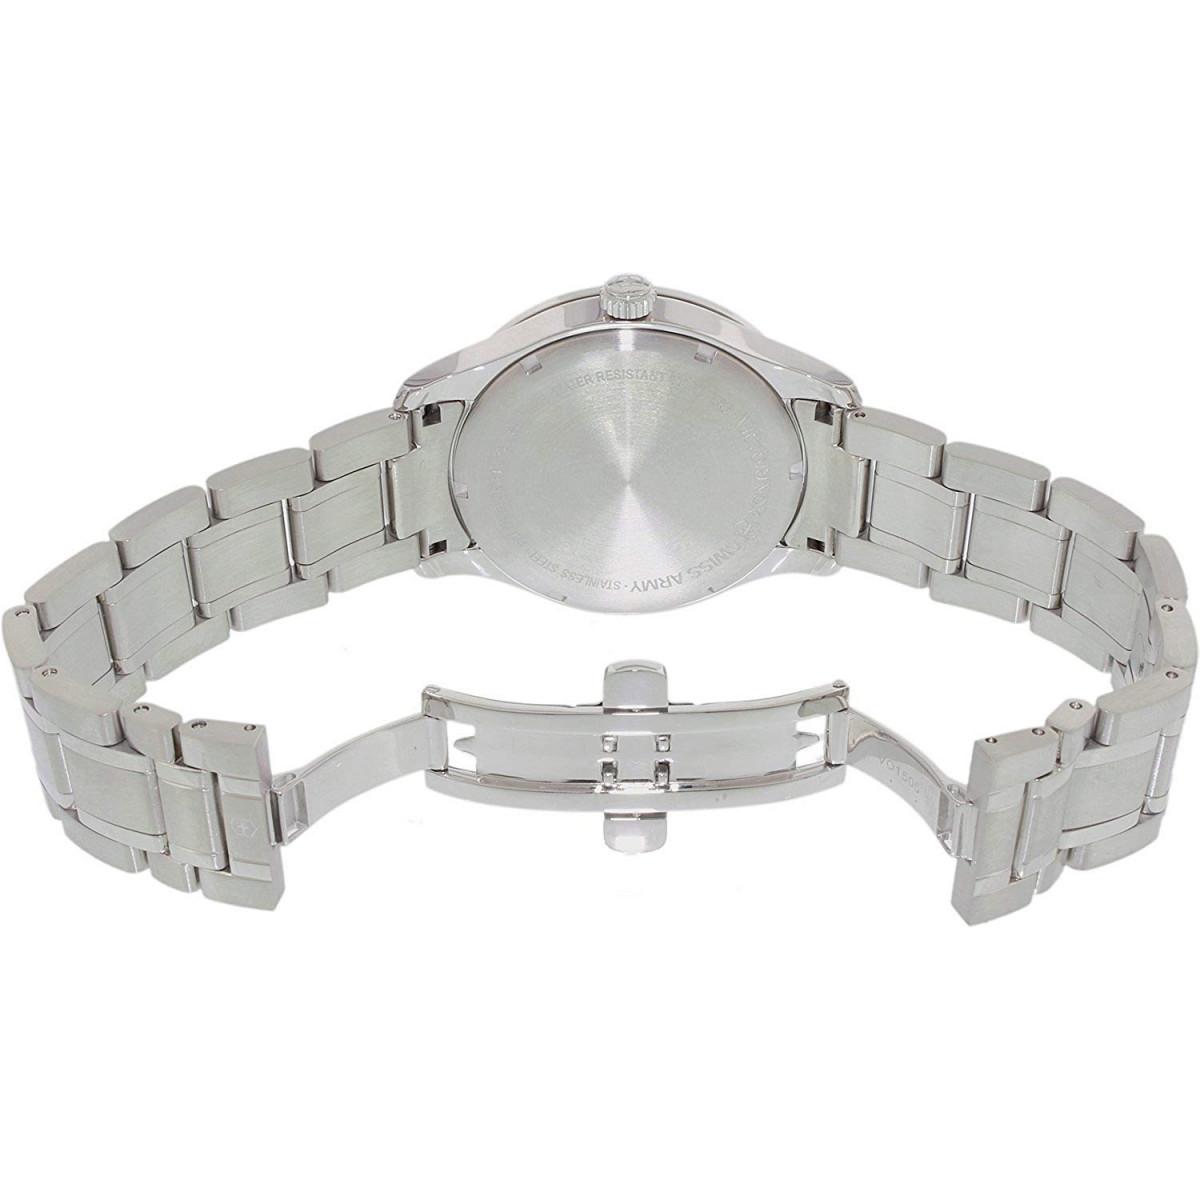 """Montre Homme Victorinox ALLIANCE lunette """"Guilloché"""", cadran argenté, bracelet acier - 40 mm"""